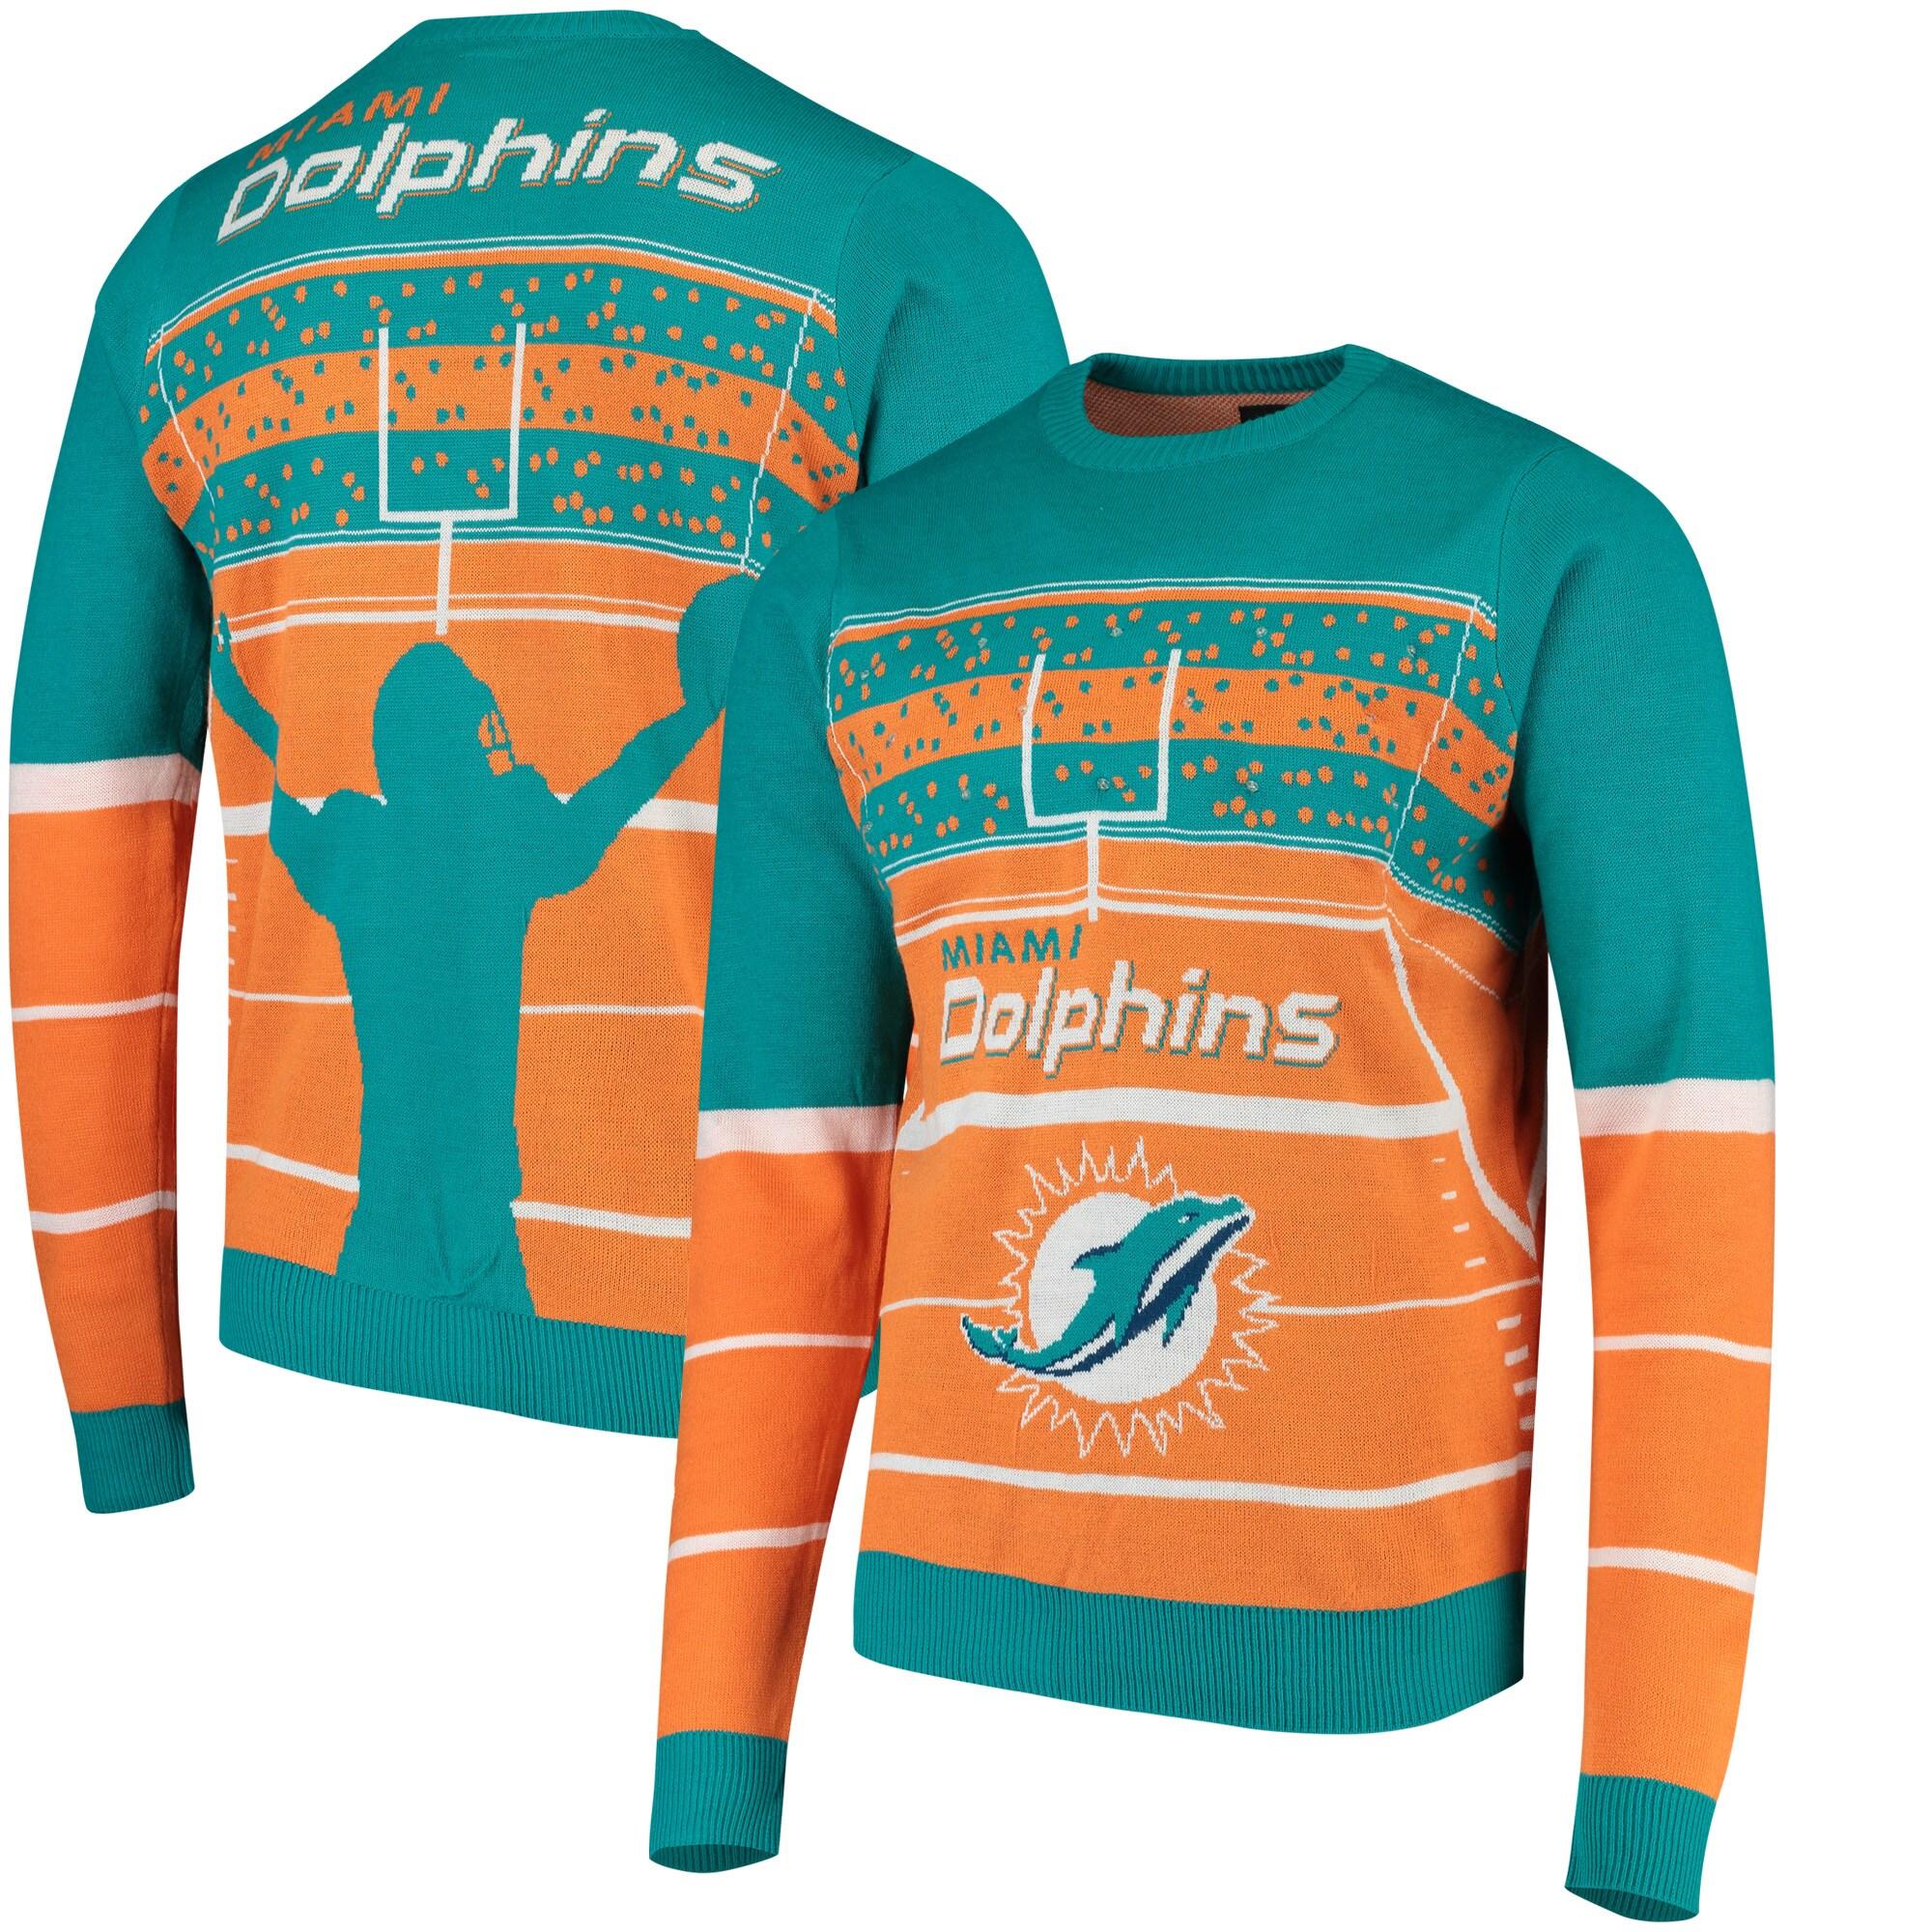 Miami Dolphins Stadium Light Up Sweater - Aqua